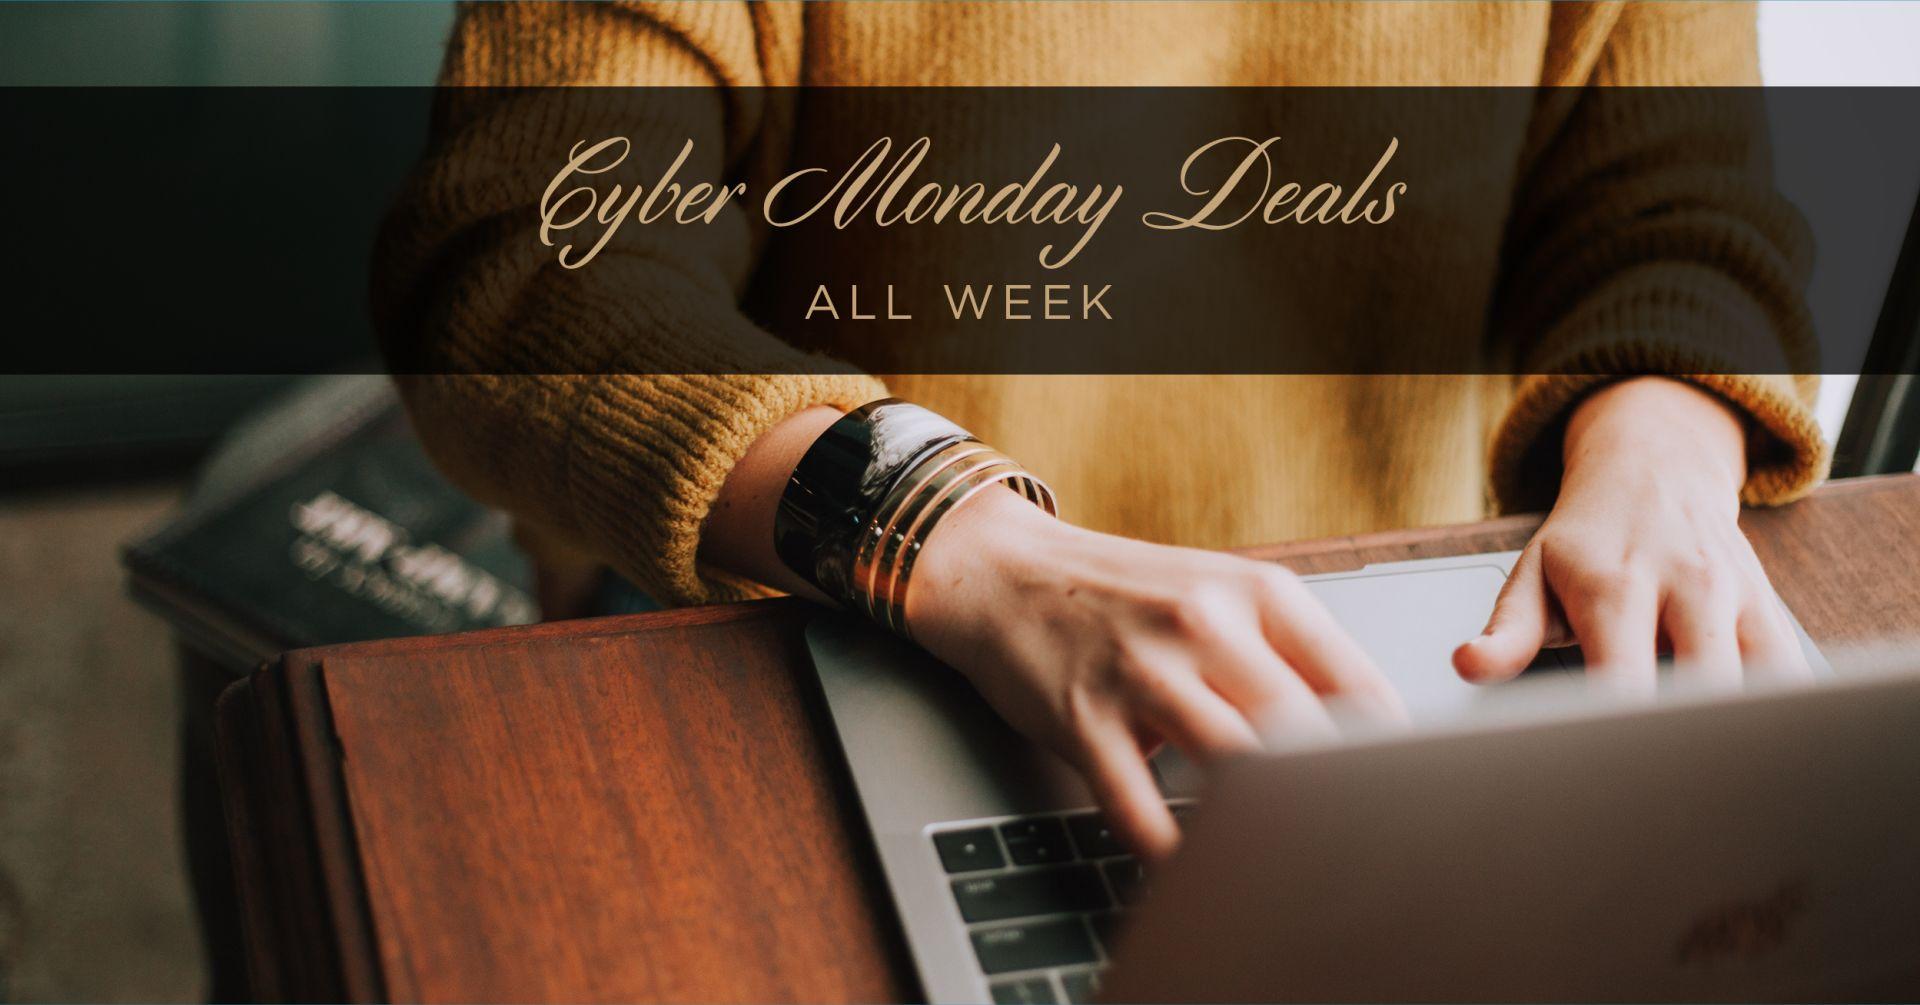 Best Cyber Monday Deals All Week